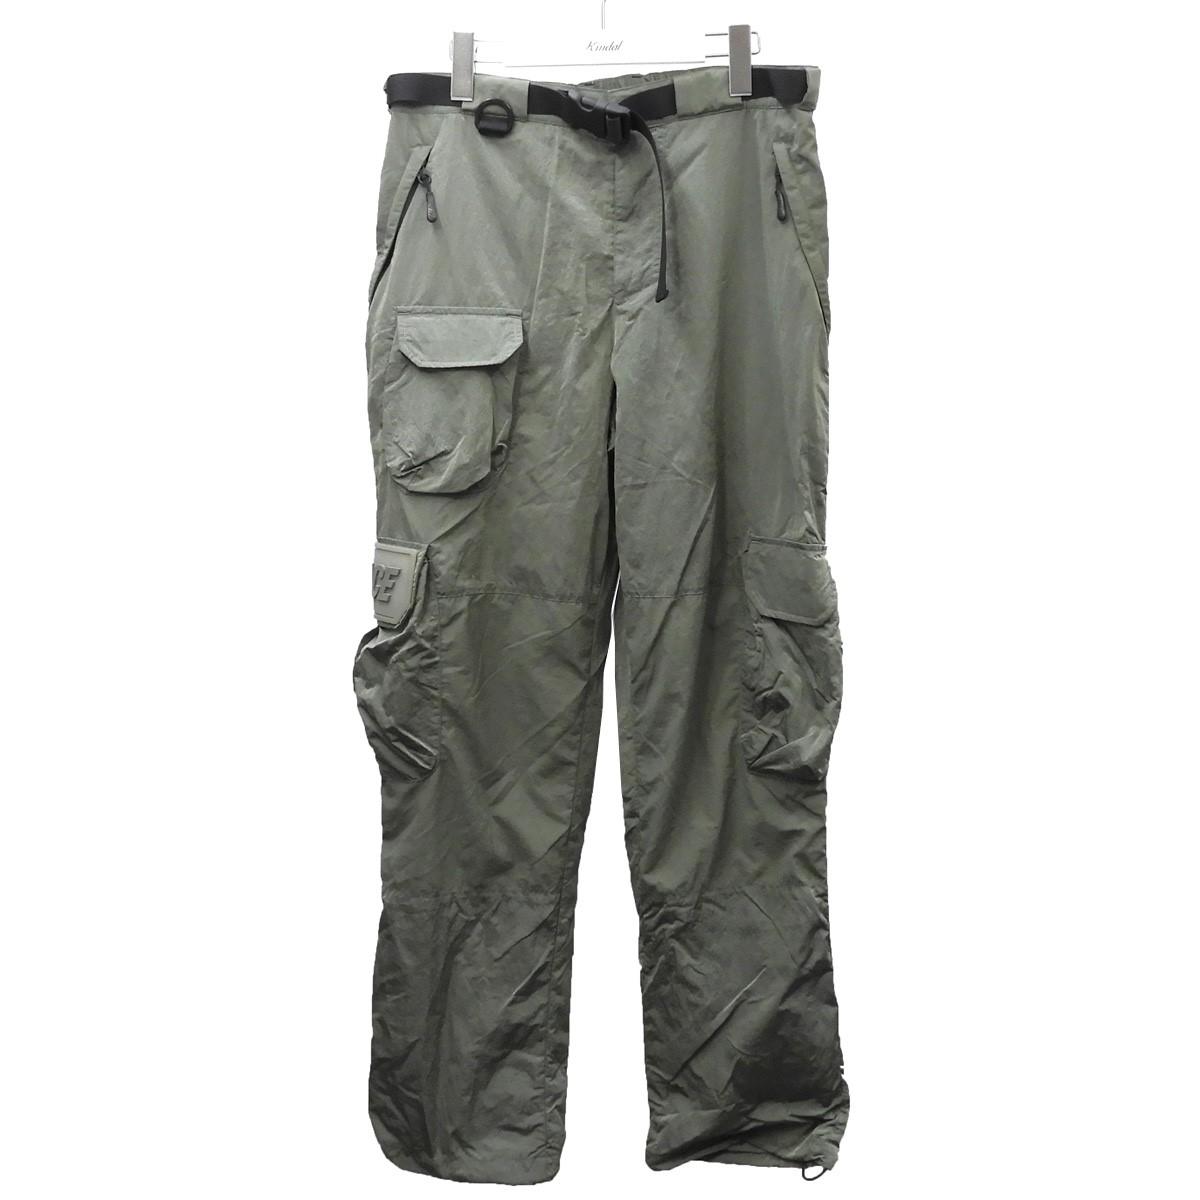 【中古】PALACE 19SS 「Utility Iridescent Pant」 ユーティリティーイリディセントパンツ オリーブ サイズ:M 【140720】(パレス)